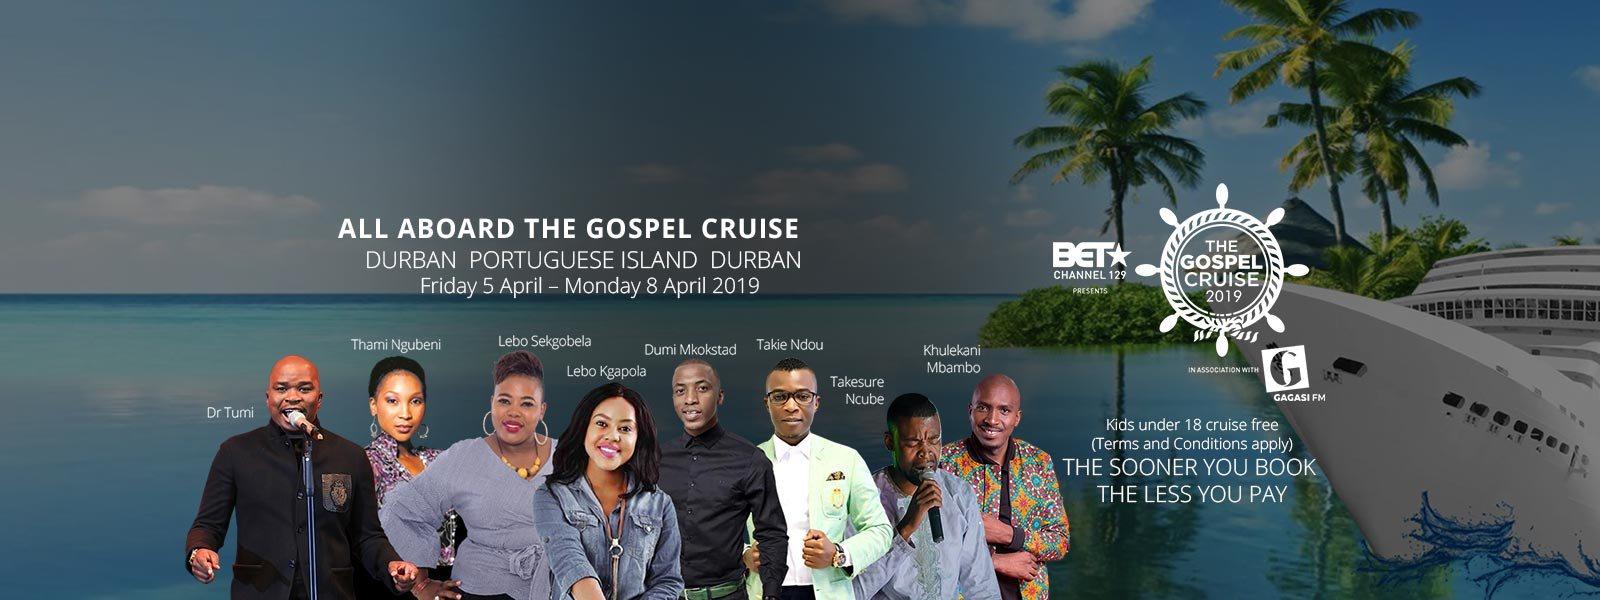 The Gospel Cruise MSC